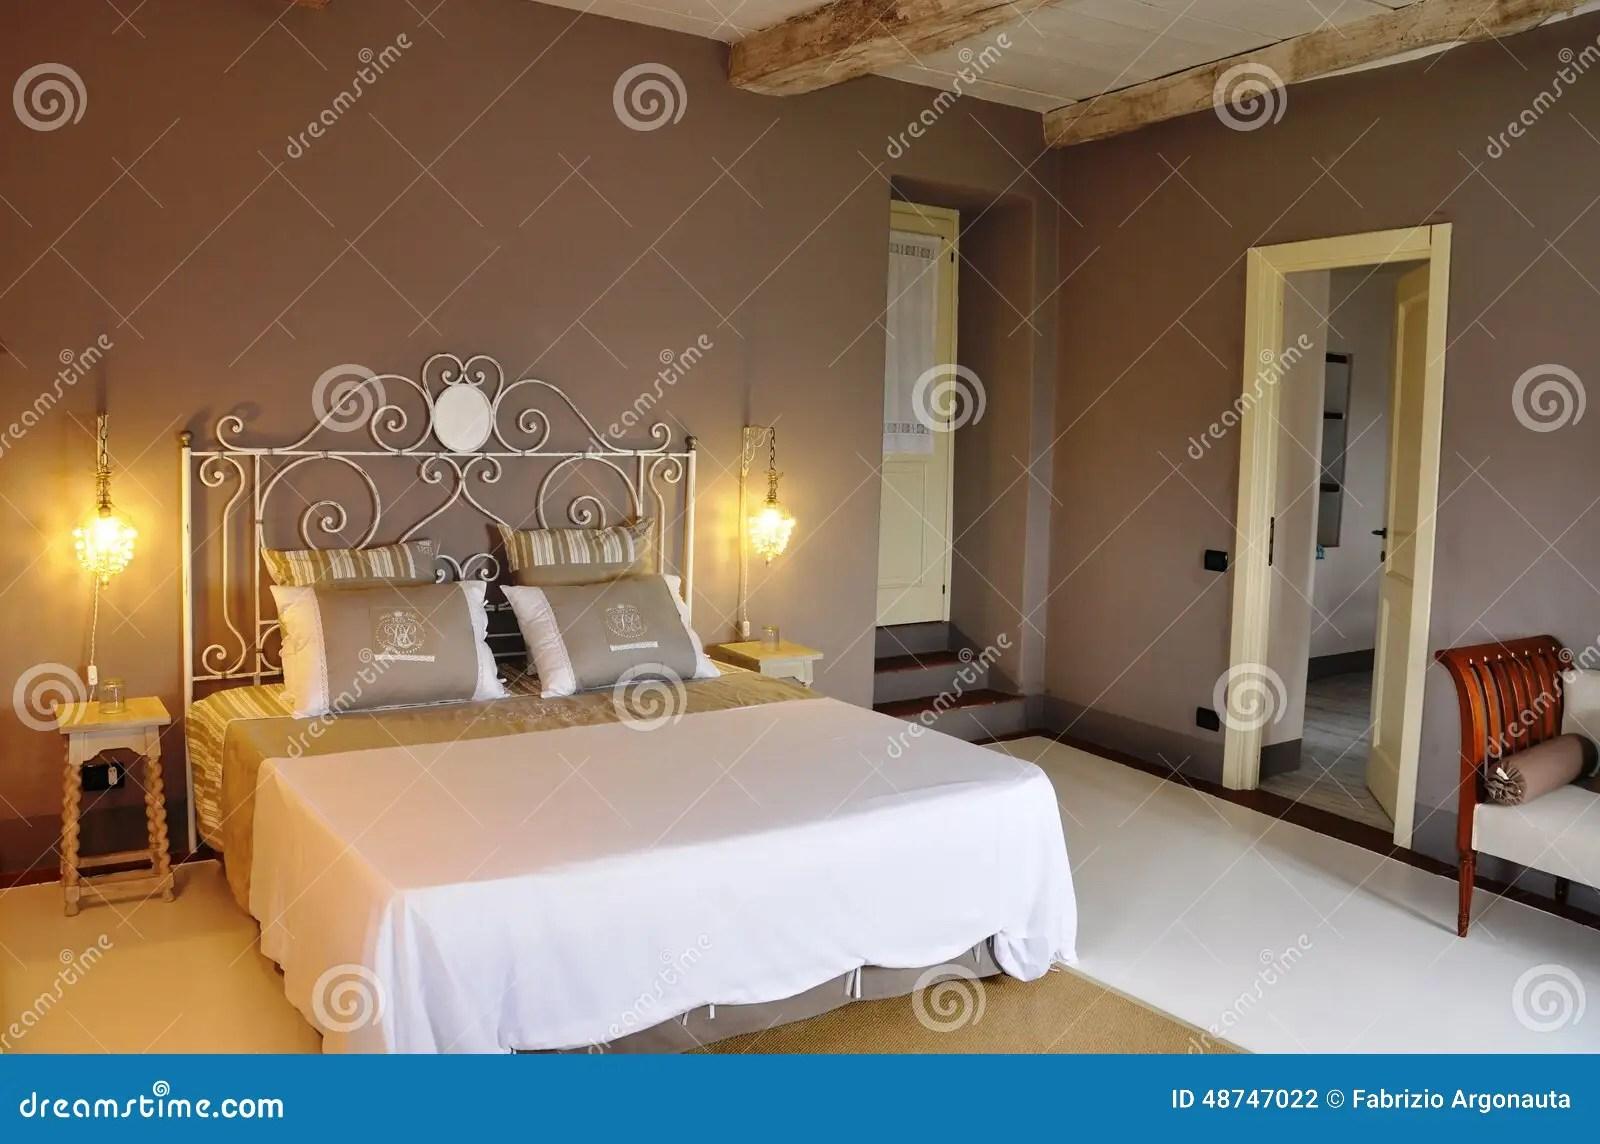 Camere Da Letto Stile Etnico Immagini : Arredamento etnico camere da letto camera da letto camera da